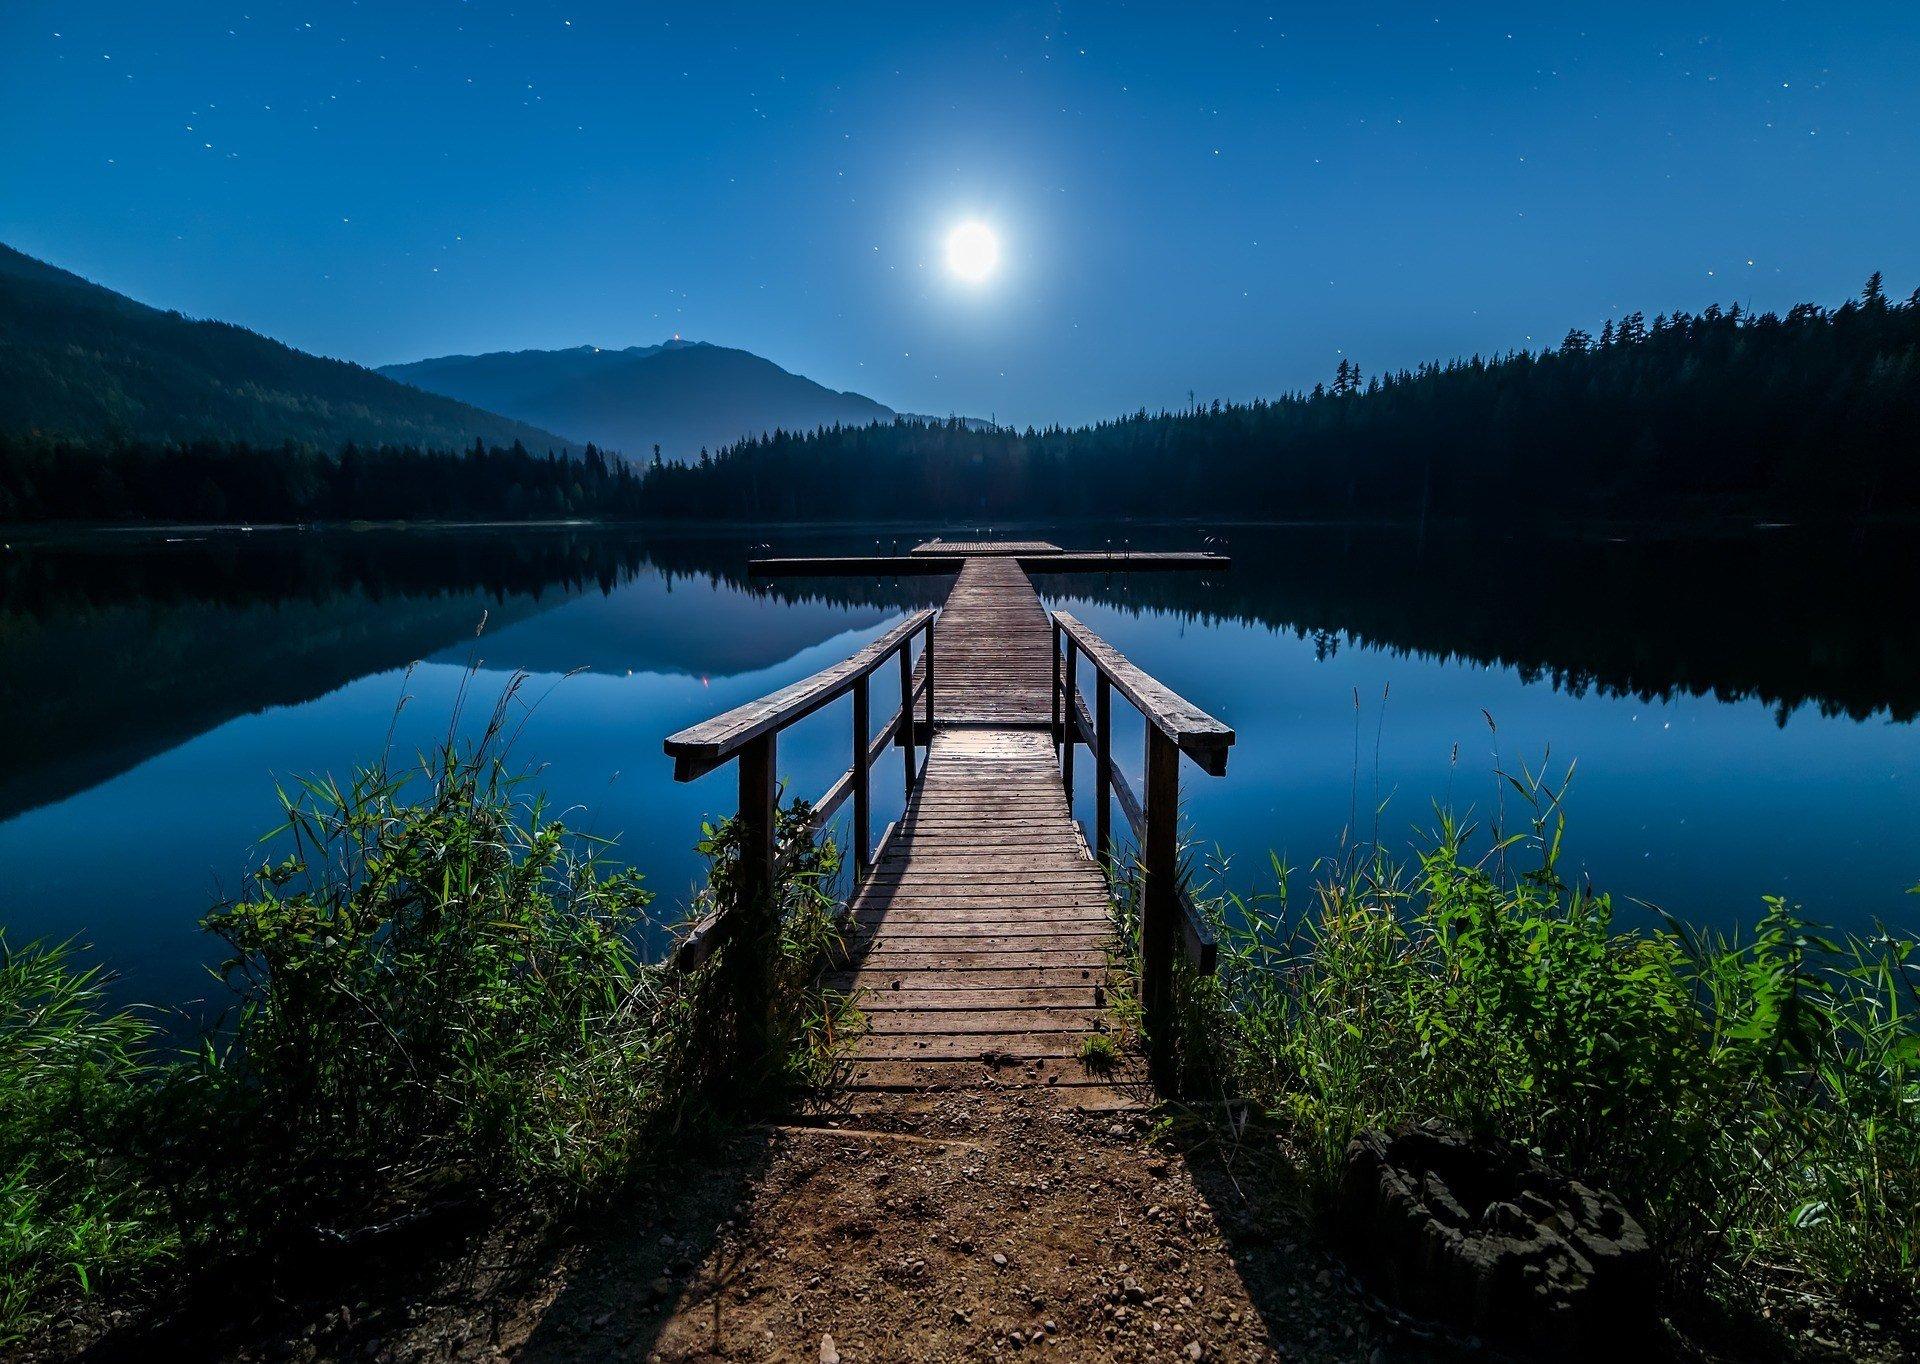 Upper Whistler, Canada